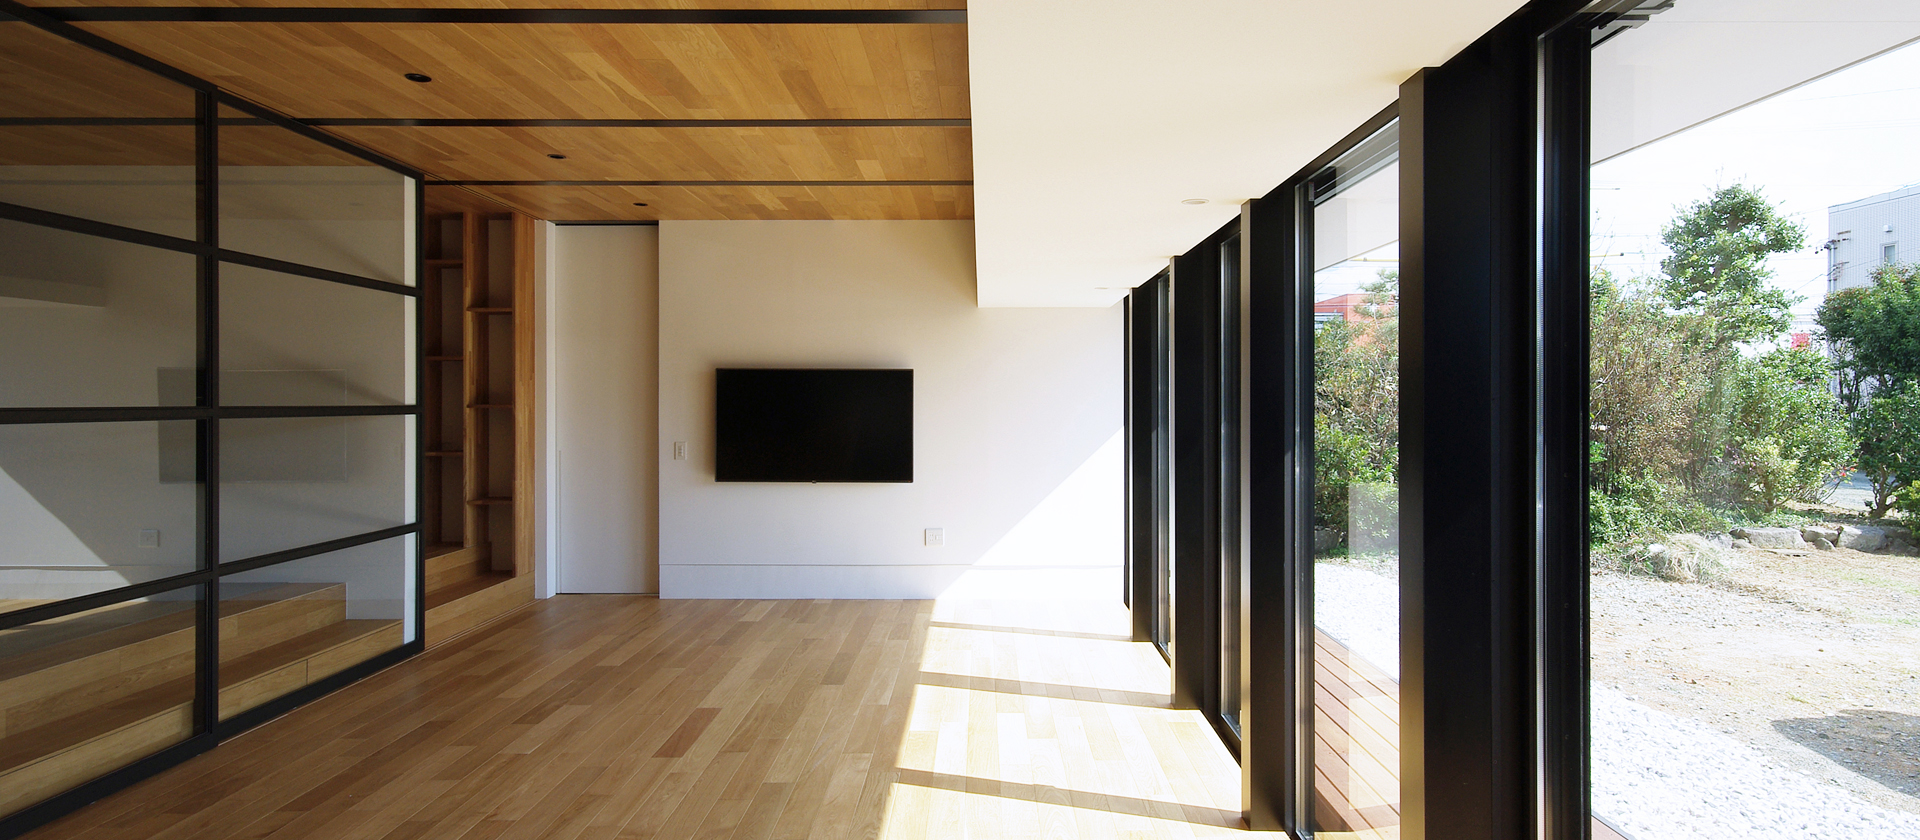 豊橋市の住宅ランキング上位 施行写真